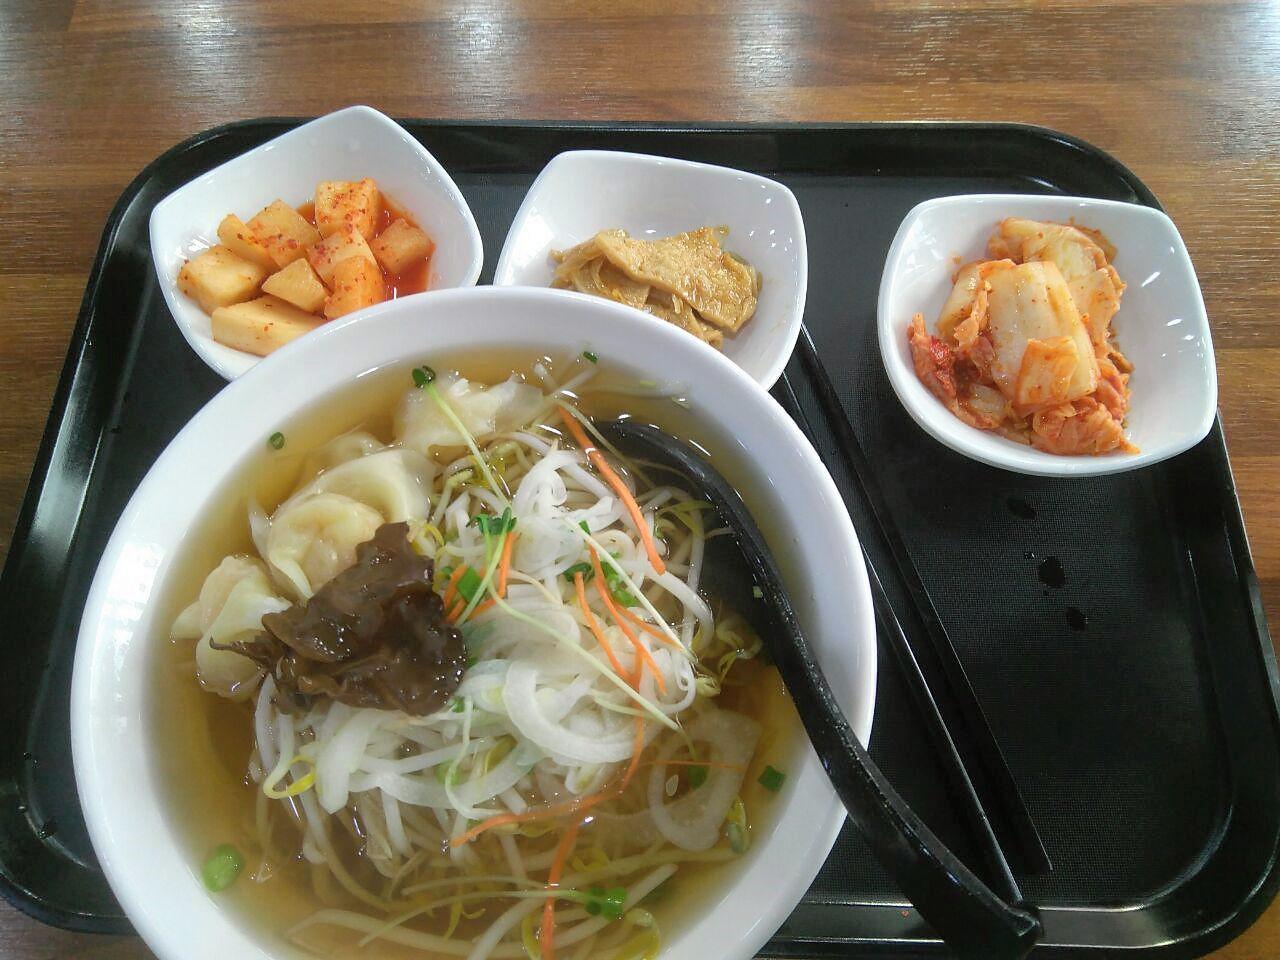 وجبة مكونة من أرز وخضار بالإضافة إلى كيمتشي وبعض البحريات